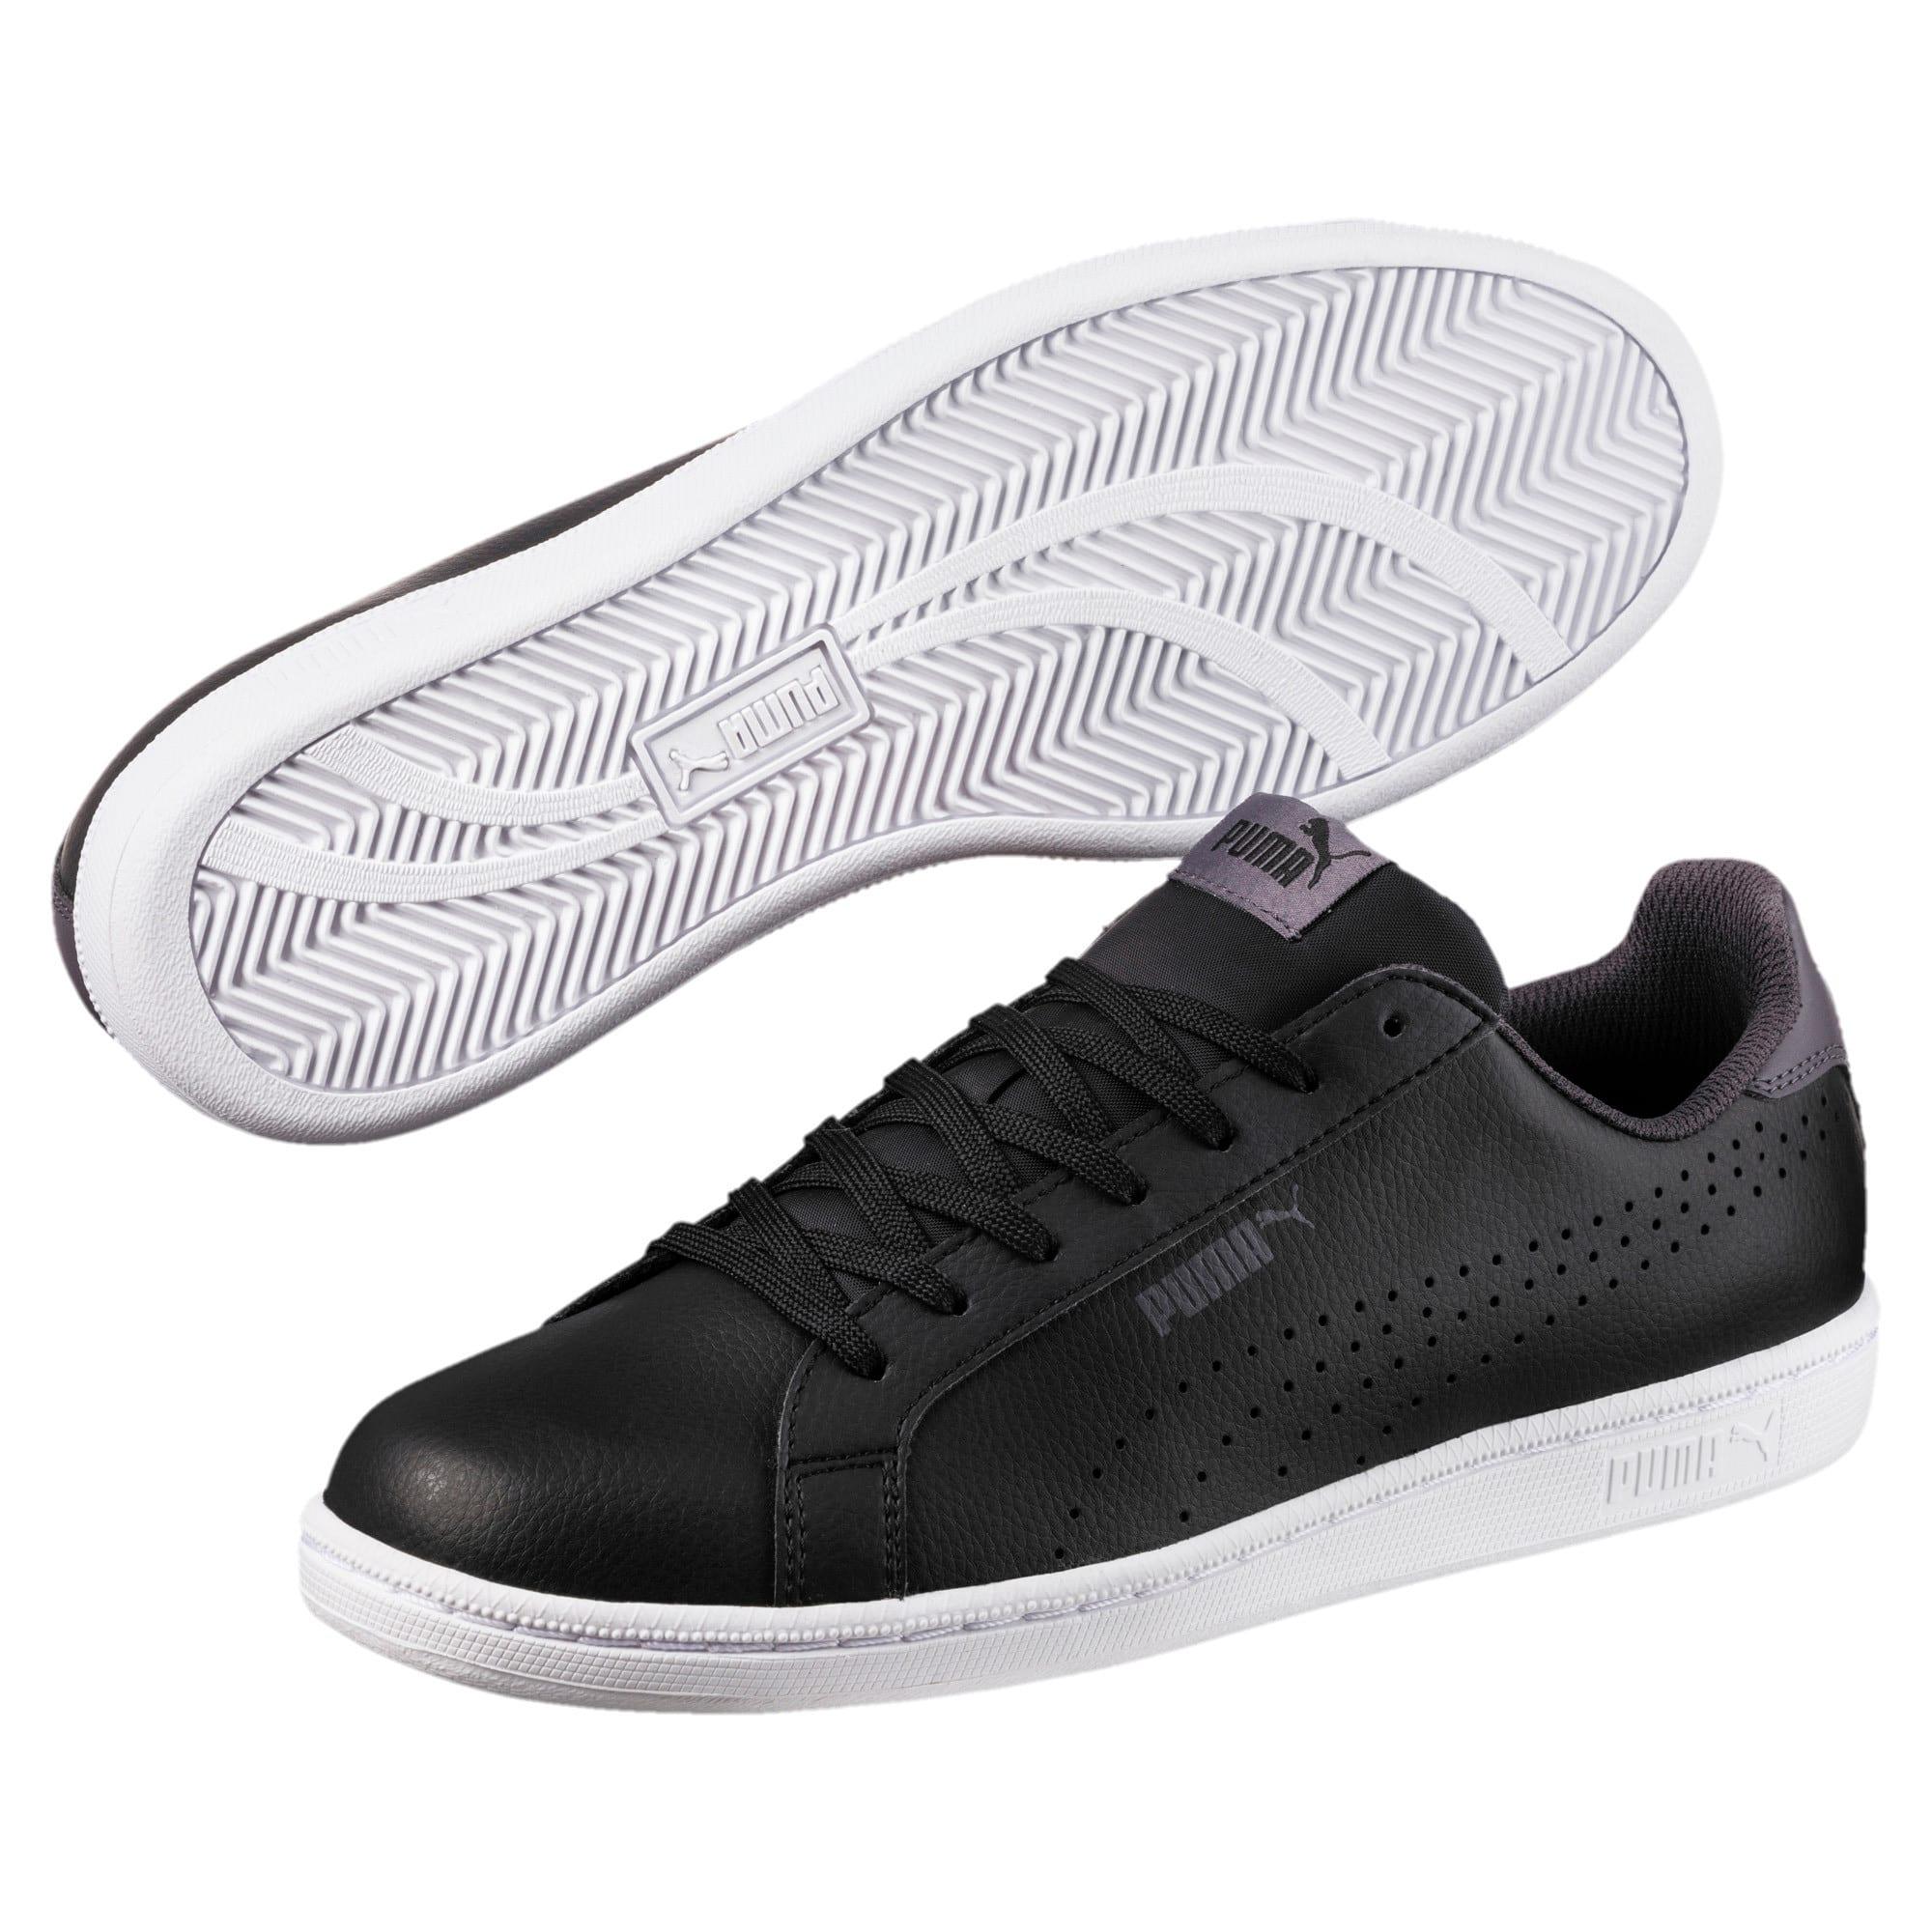 Thumbnail 2 of PUMA Smash Perf Sneakers, Puma Black-Periscope, medium